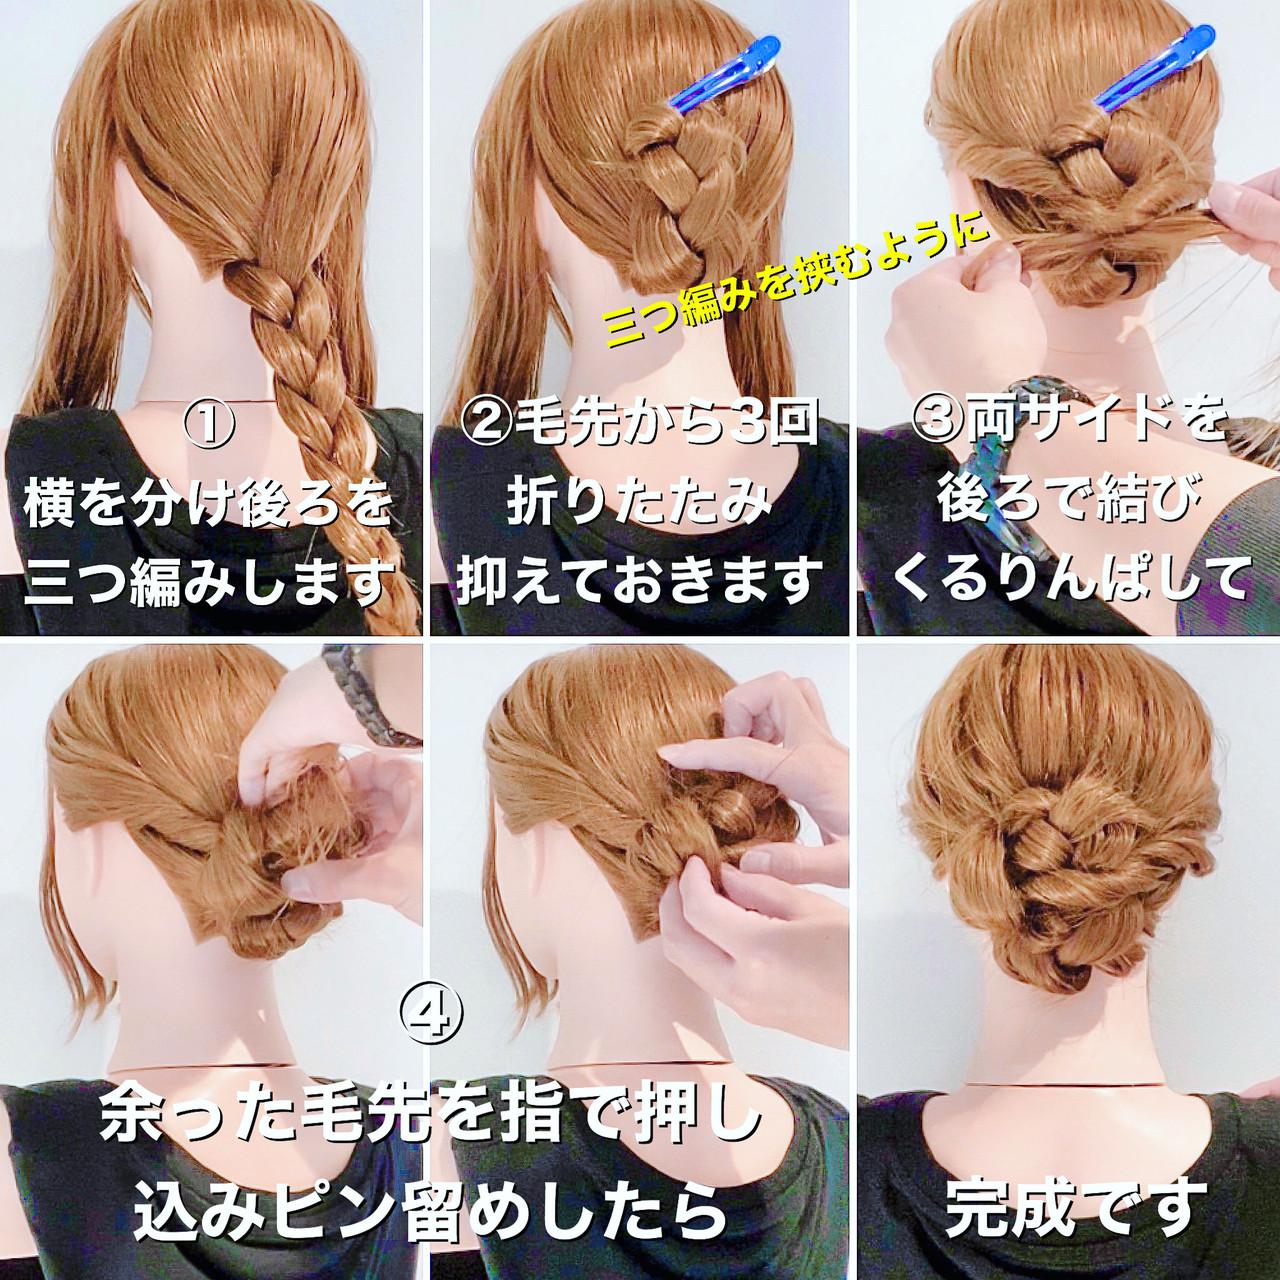 くるりんぱ エレガント 三つ編み セルフヘアアレンジ ヘアスタイルや髪型の写真・画像 | 美容師HIRO/Amoute代表 / Amoute/アムティ